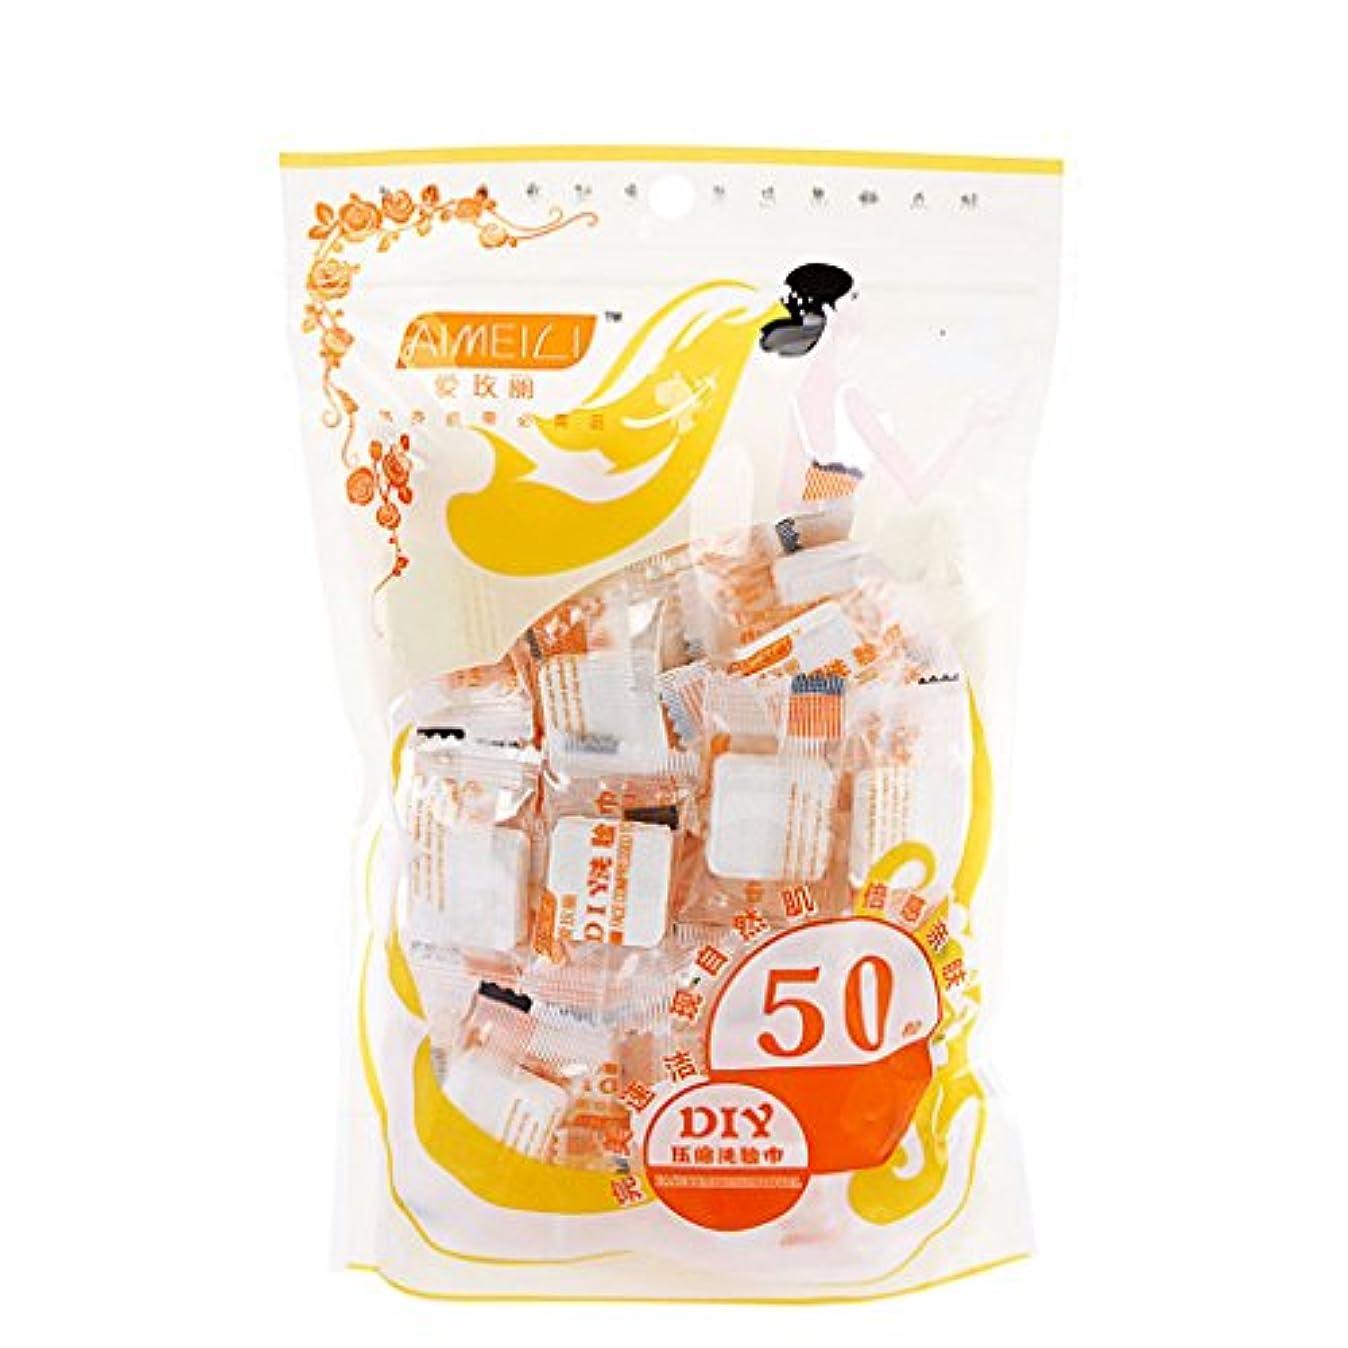 のホスト減衰蓮50 pcs disposable towel travel essential travel portable compressed cotton towel wash washcloth compress Sugan